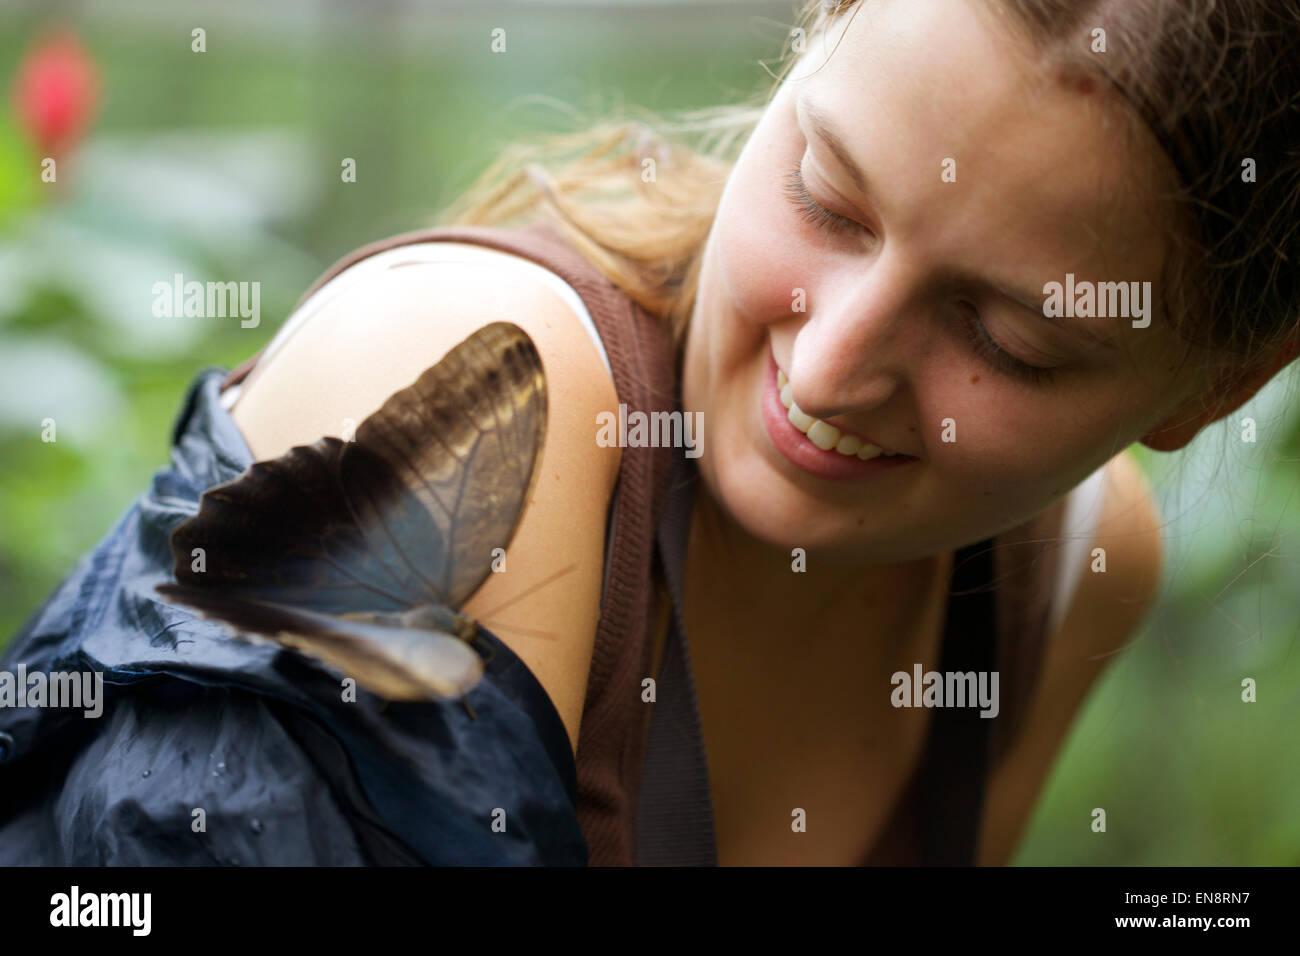 Une jeune femme s'émerveille un grand papillon qui a atterri sur son bras. Photo Stock